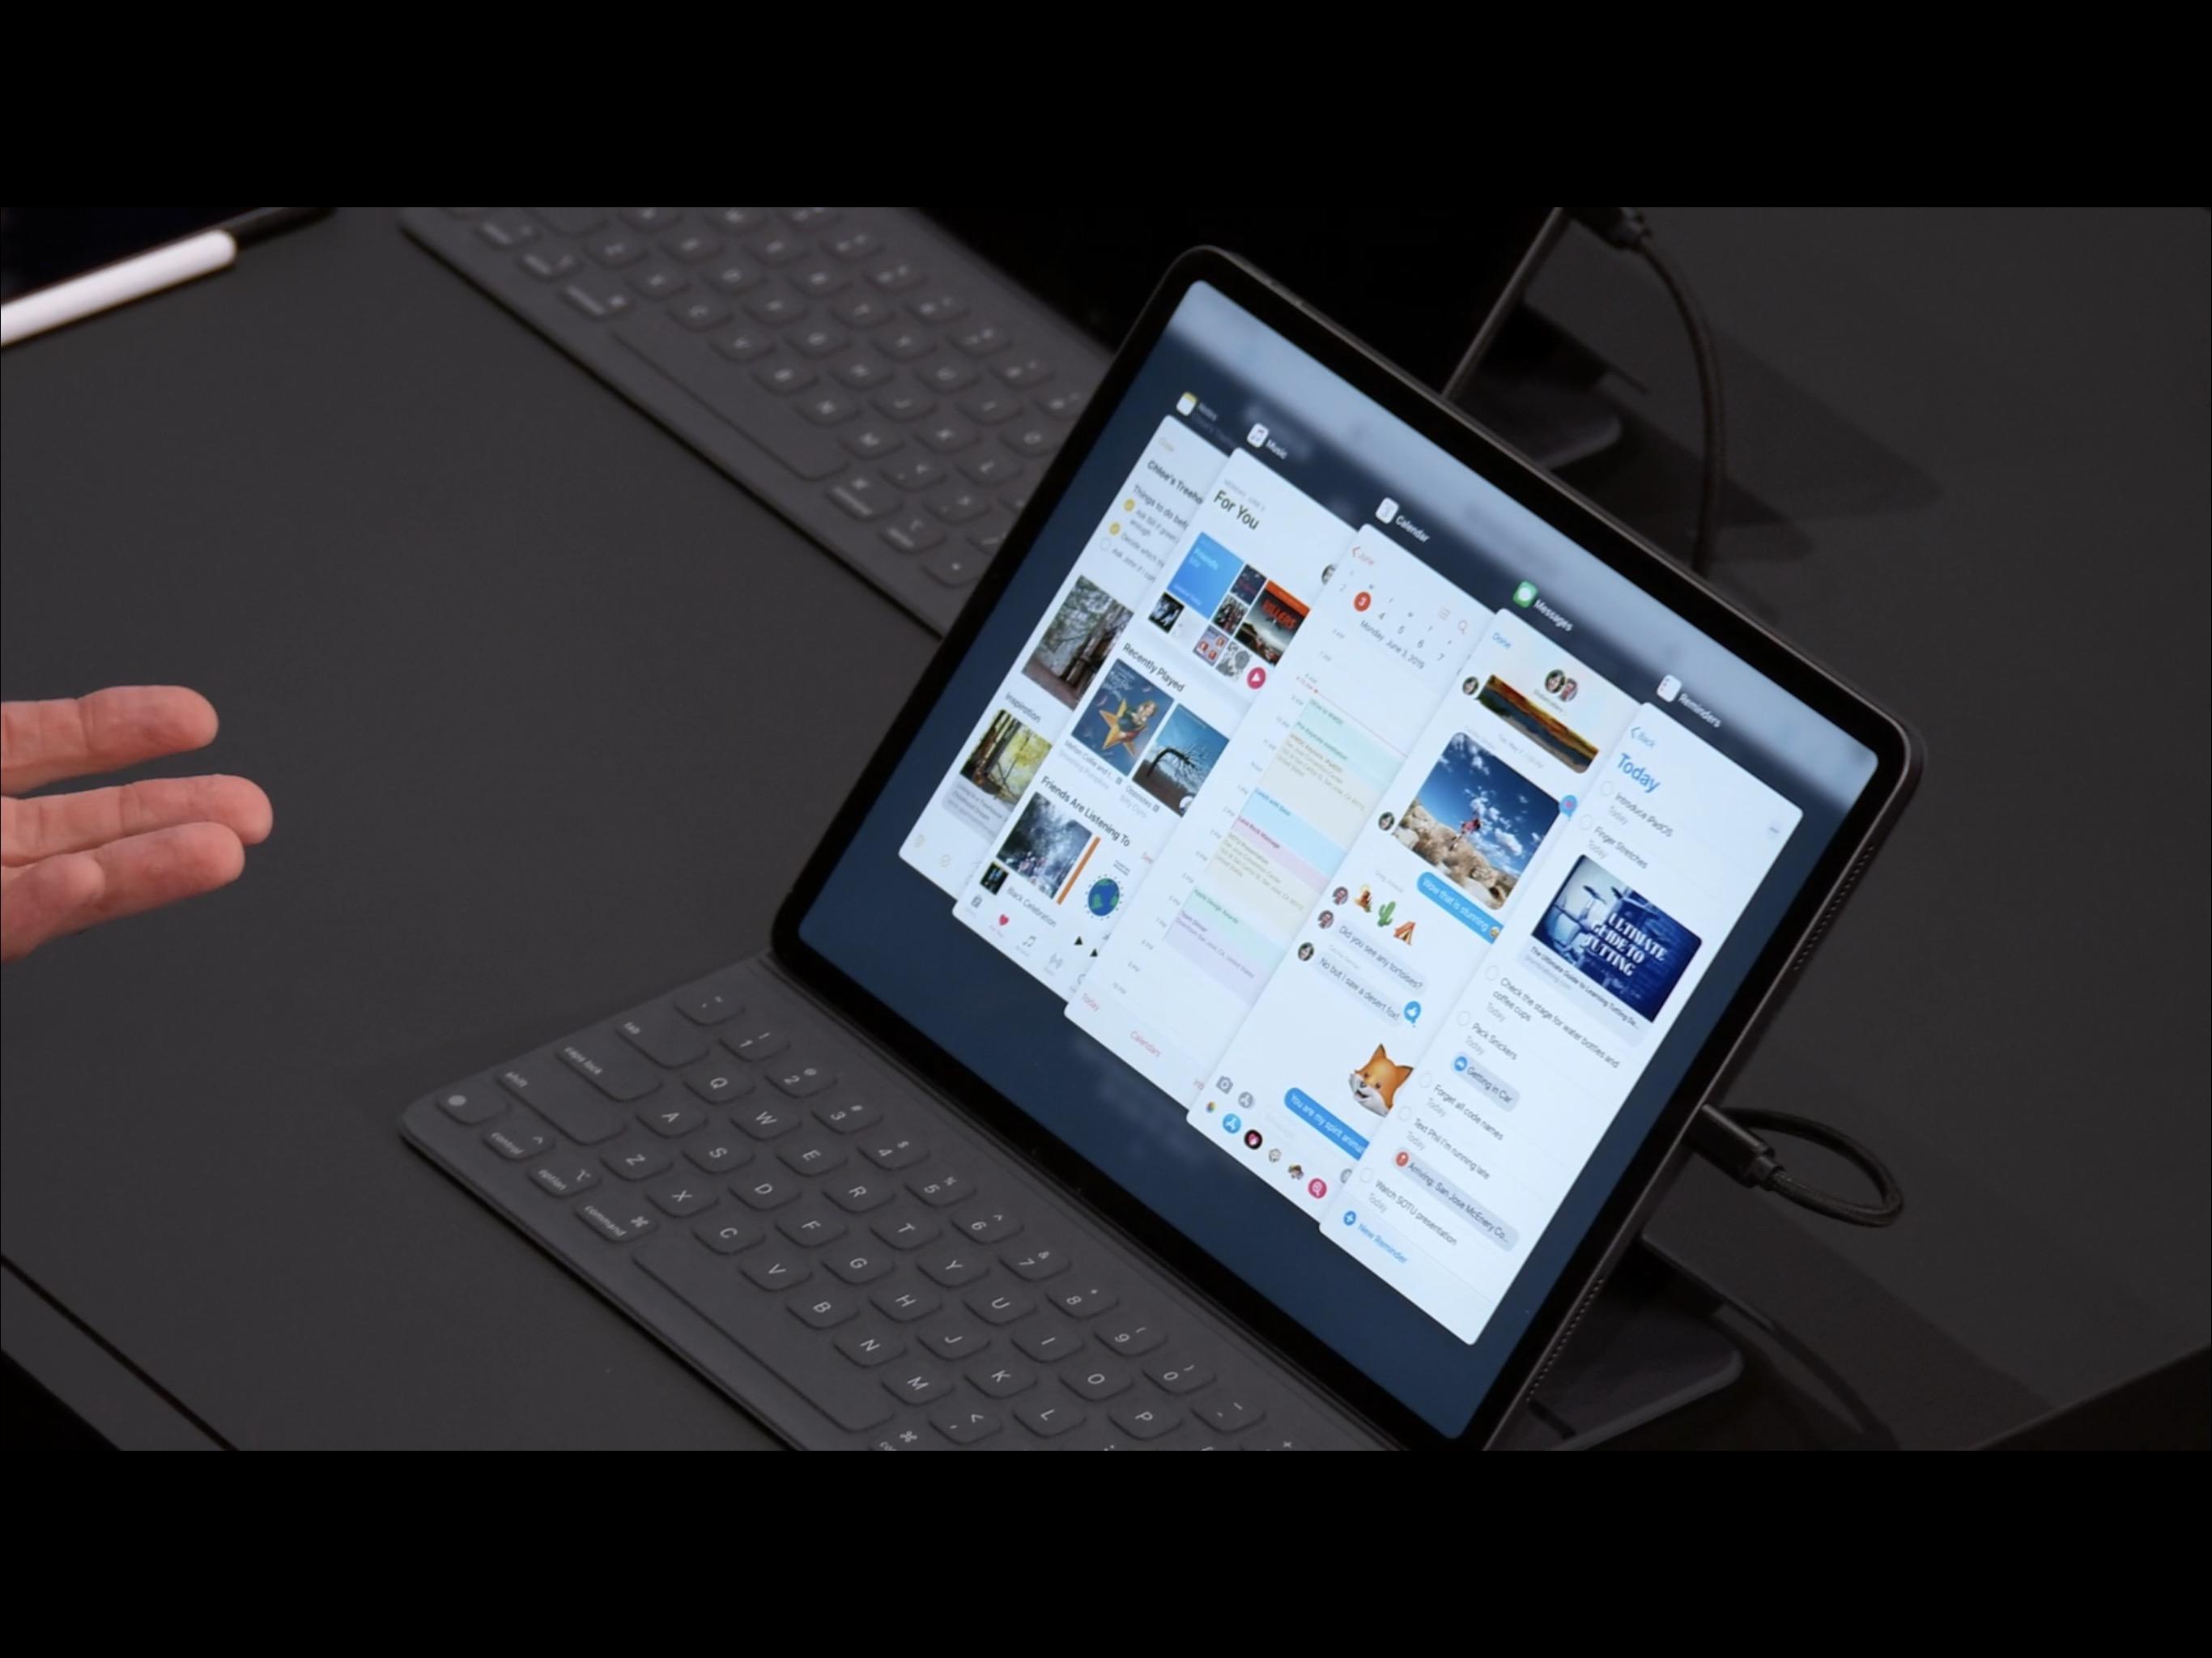 ipados-multitasking.jpg